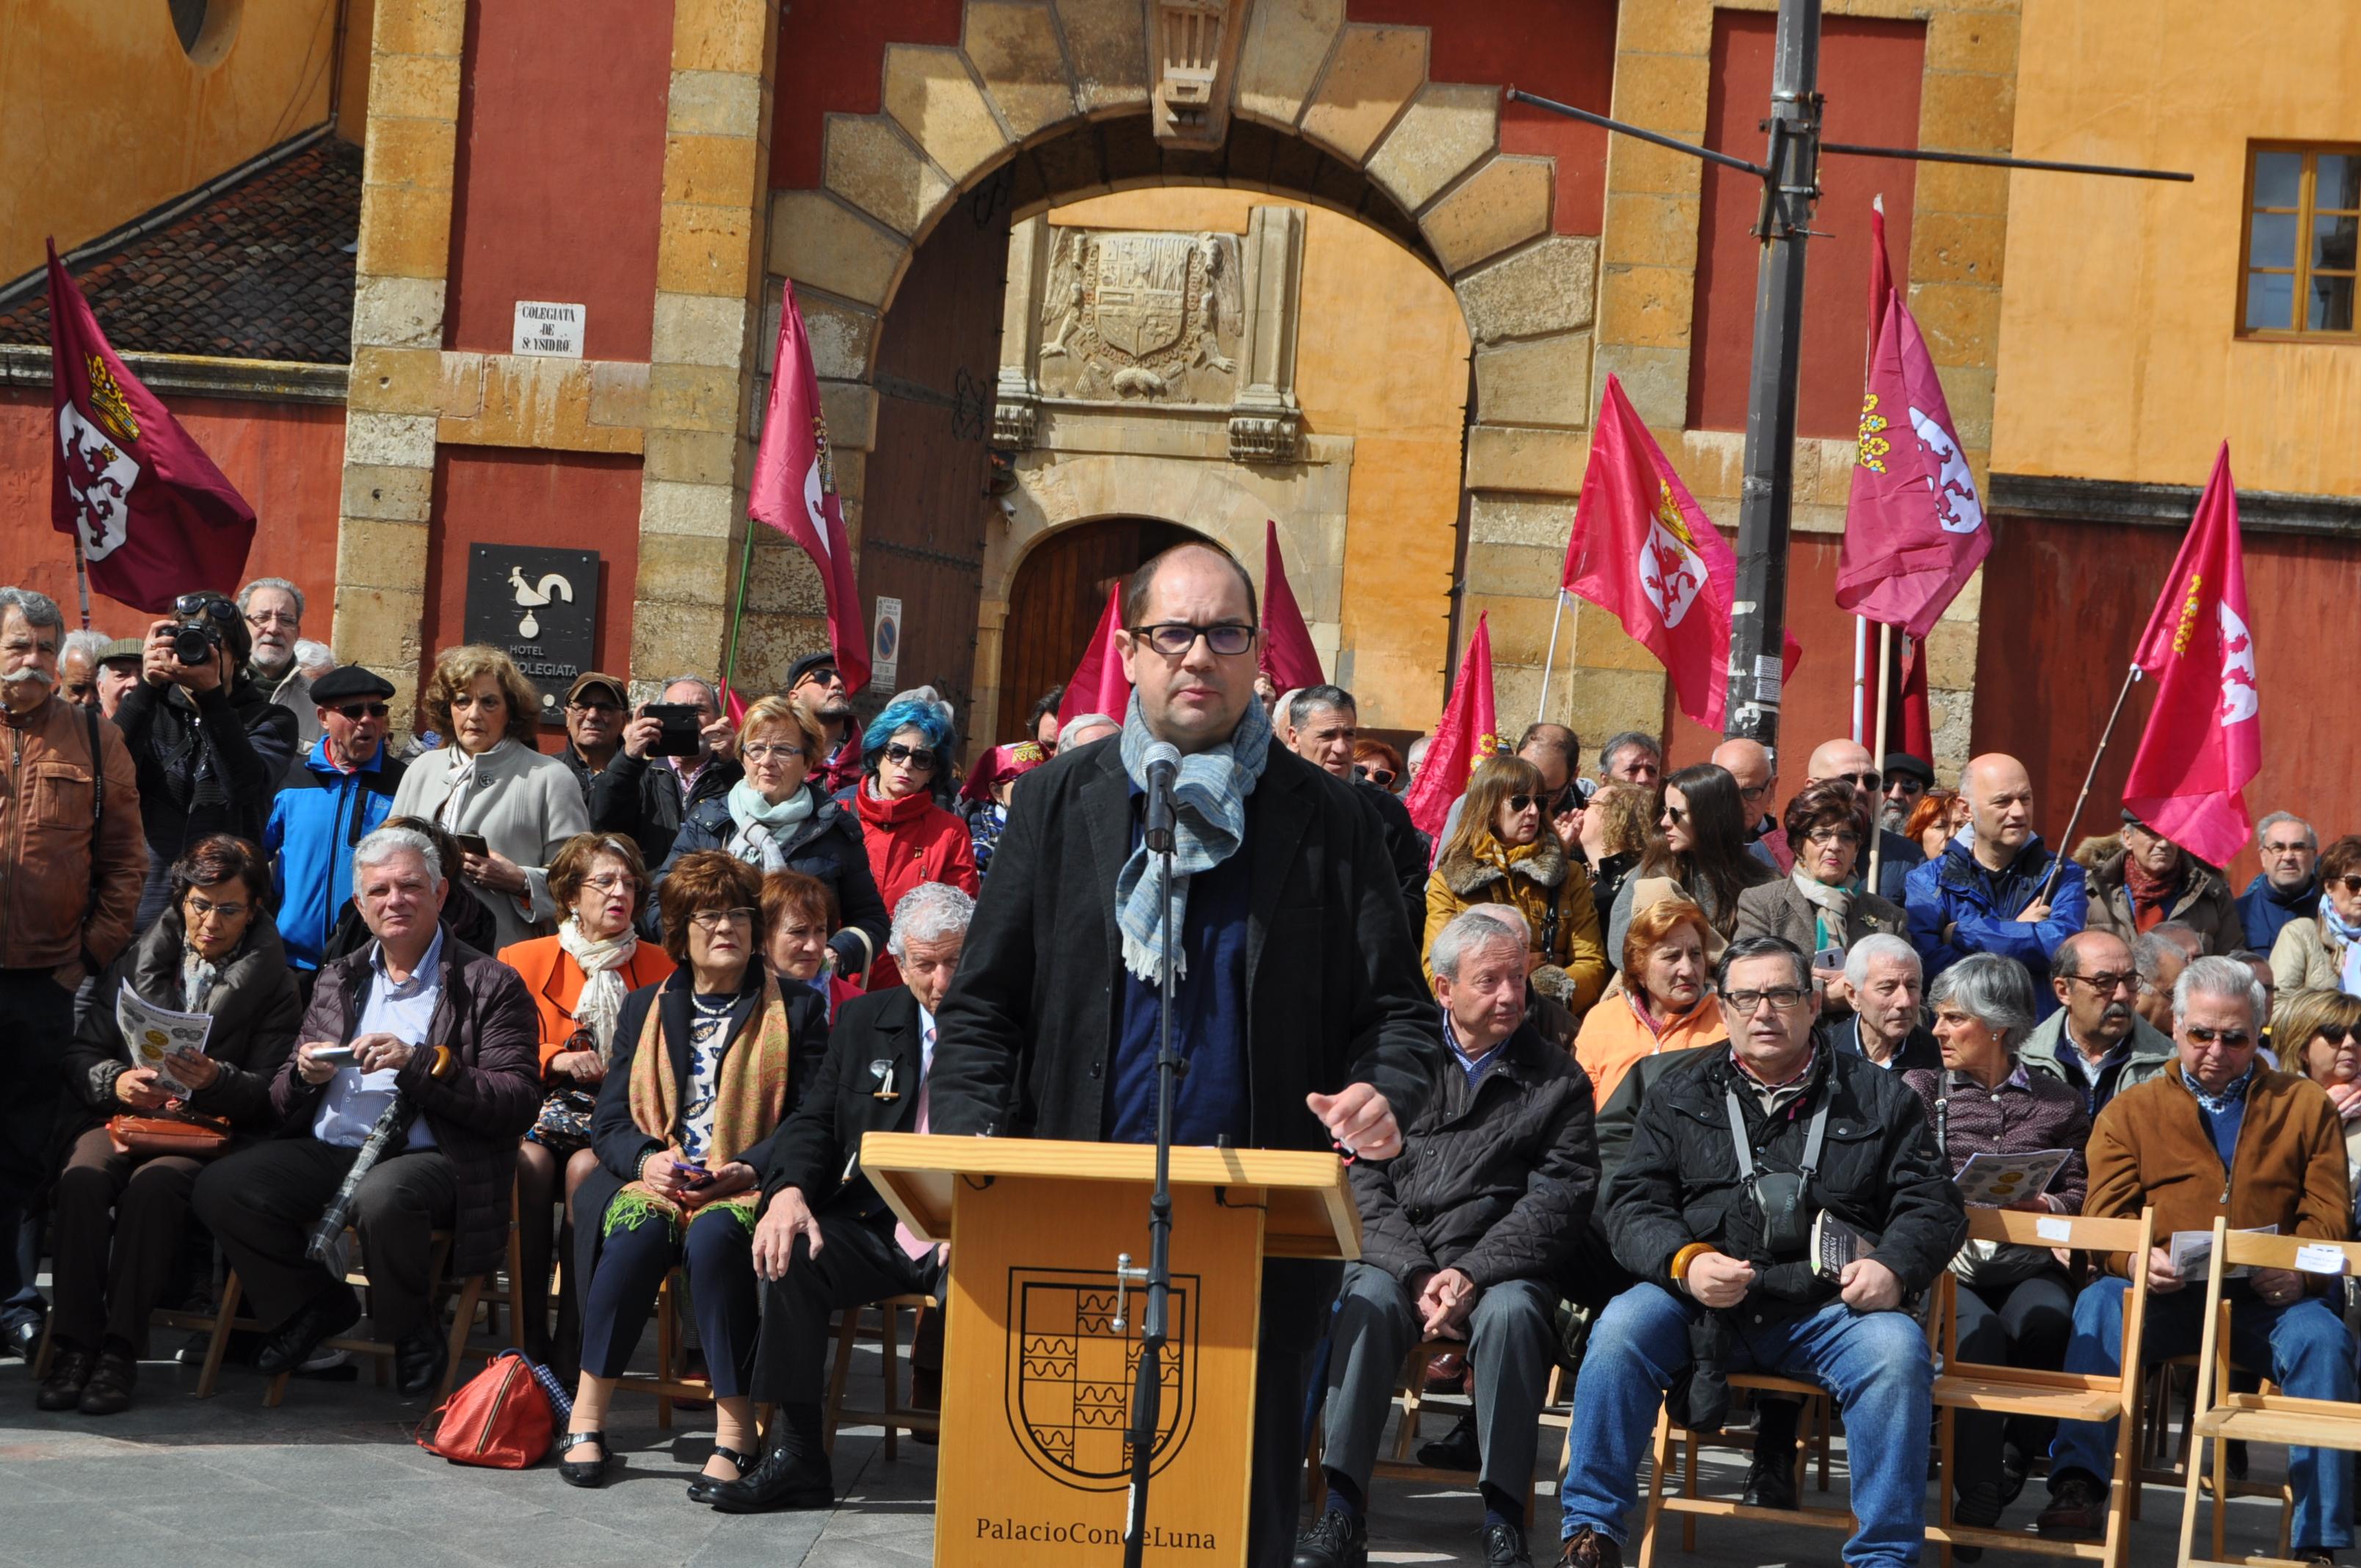 Nacho Ares da paso a los intervinientes. Detrás, Marcelino Fernández, presidente de promonumenta y algunas personas portando banderas de León.